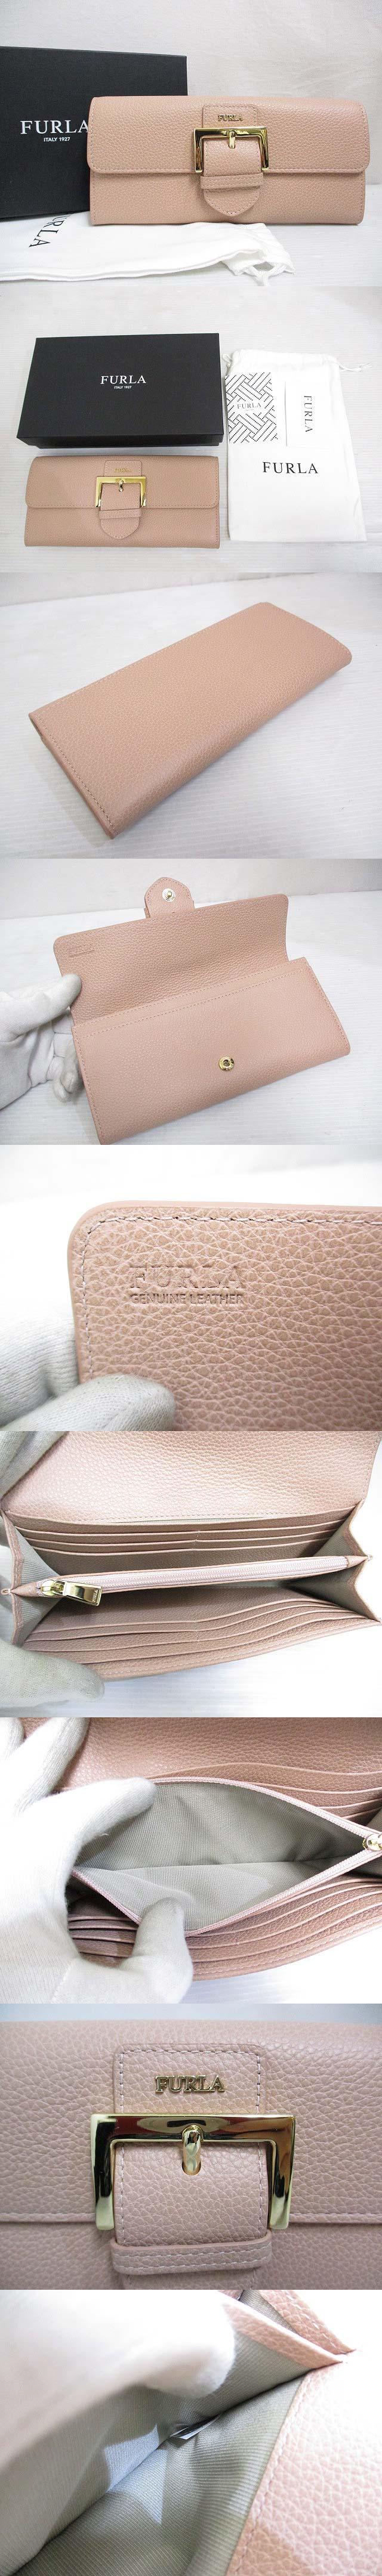 レザー 二つ折り 長財布 ピンクベージュ ホック ロゴ ベルトモチーフ 箱 保存袋付き